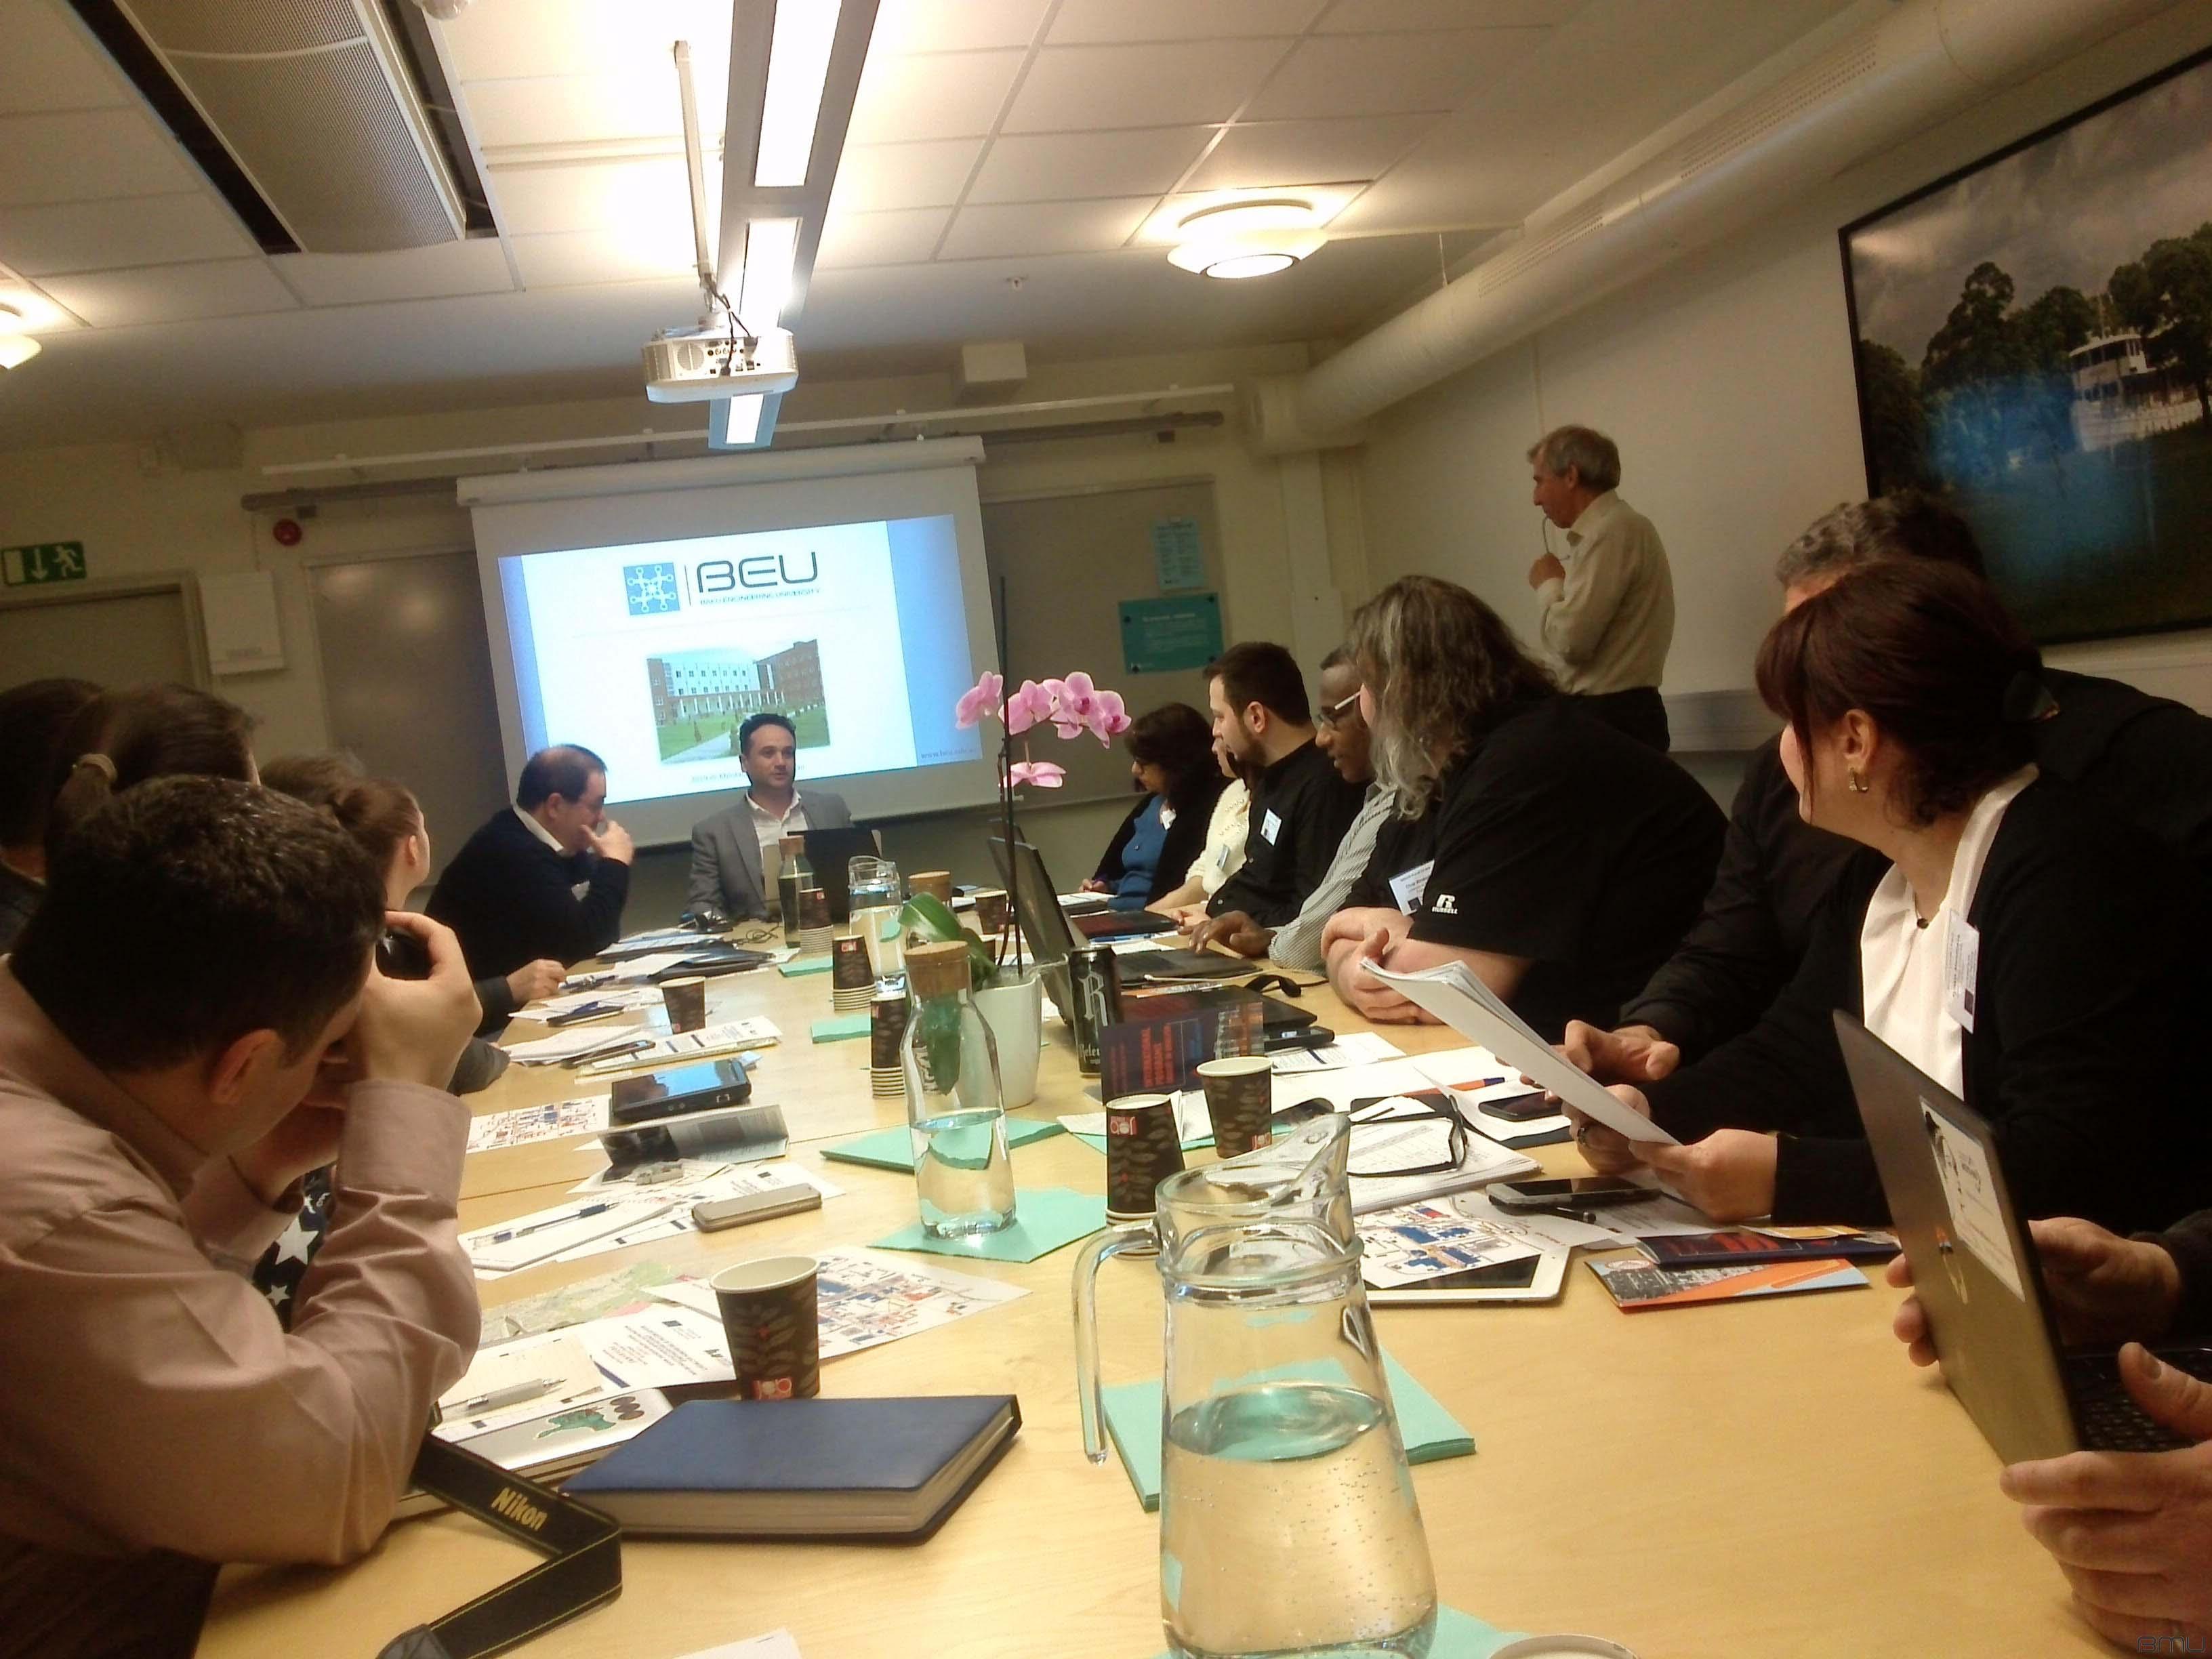 BMU əməkdaşları  (MAGNUS) ERASMUS+KA2 layihəsinin Linköping Universitetində keçirilən ilkin görüşdə iştirak ediblər